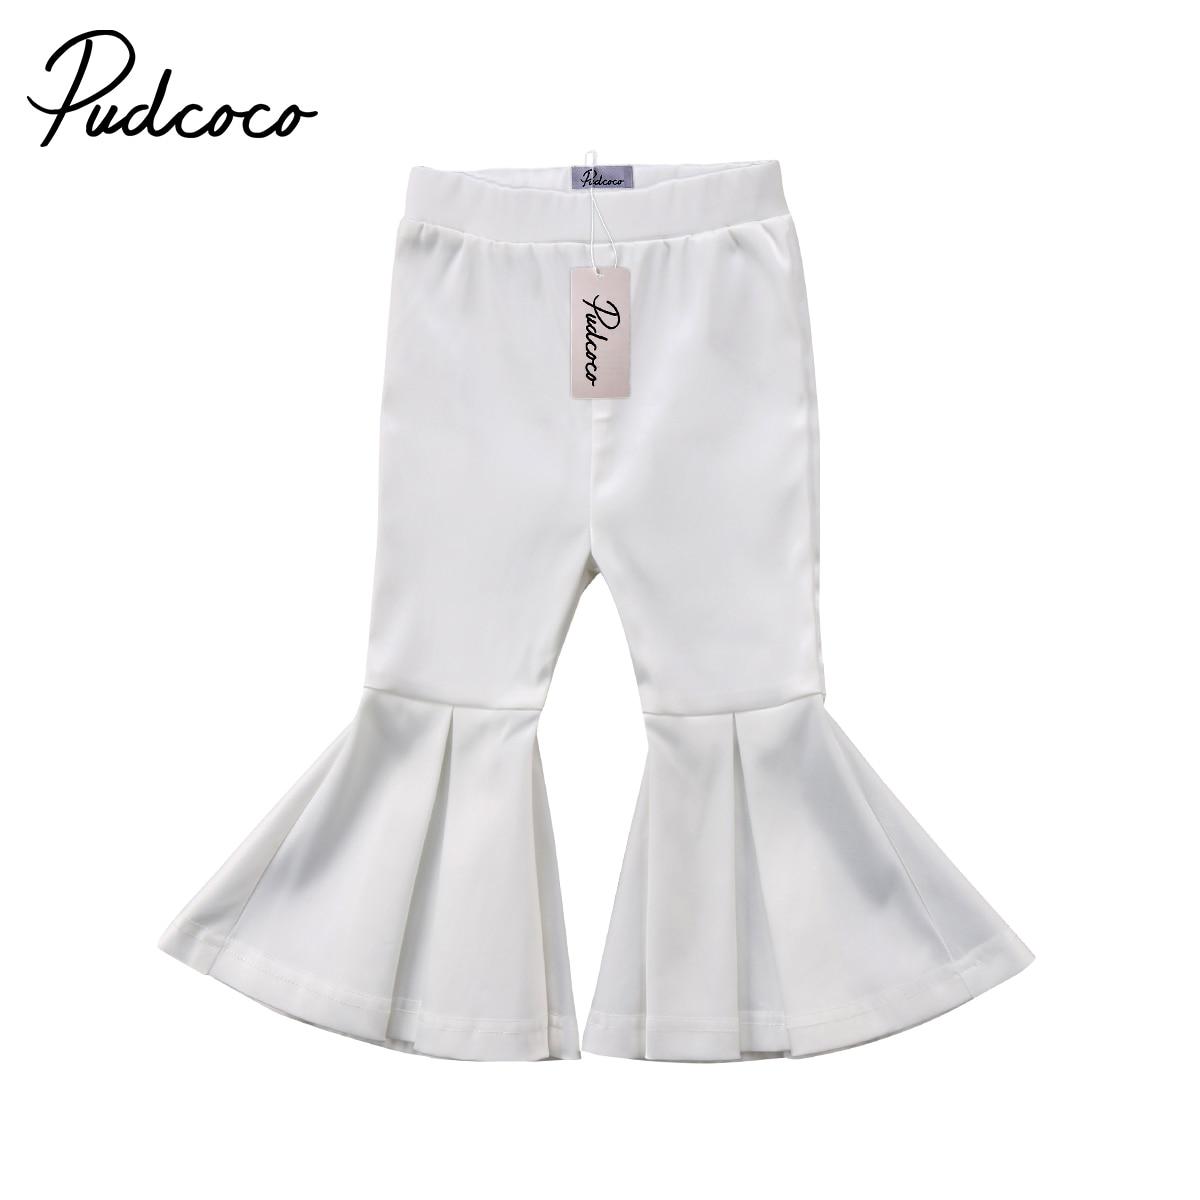 Hosen Mode Mädchen Hosen Kleinkind Kinder Mädchen Weiche Schlaghosen Fester Stretch Flare Pants Boho Fashion Hosen 2-7 T